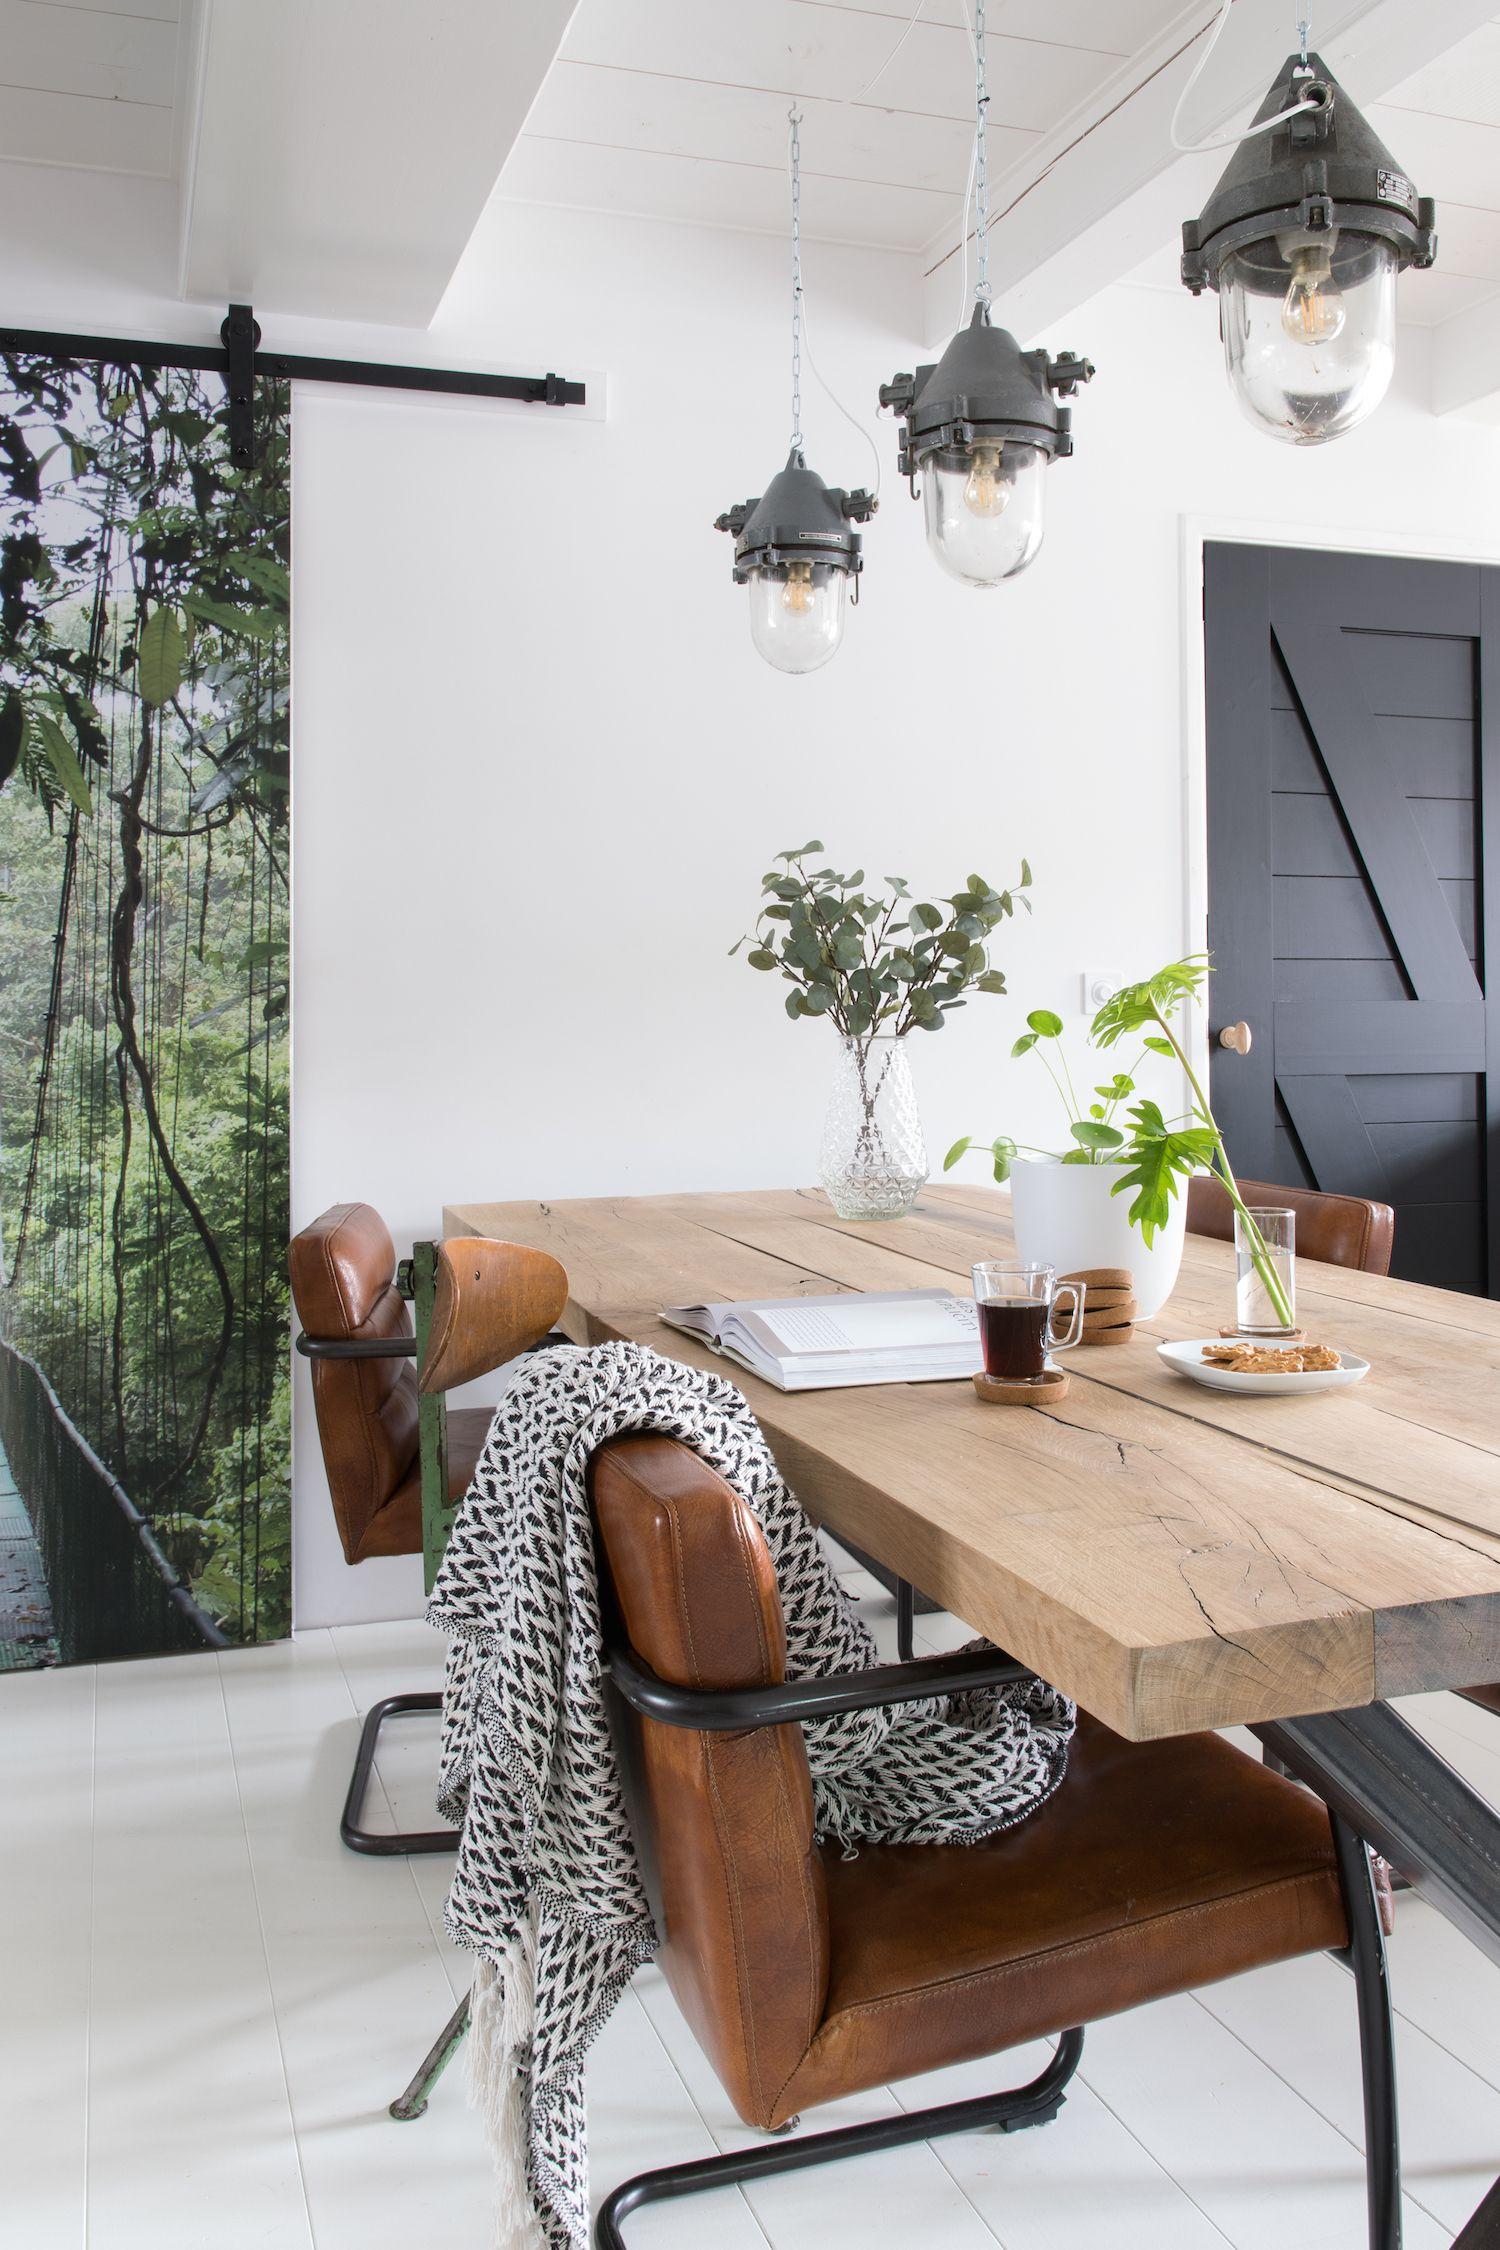 Zweeds Interieur Design.Pin Van Caitlin Smith Op Accents Appartement Interieur